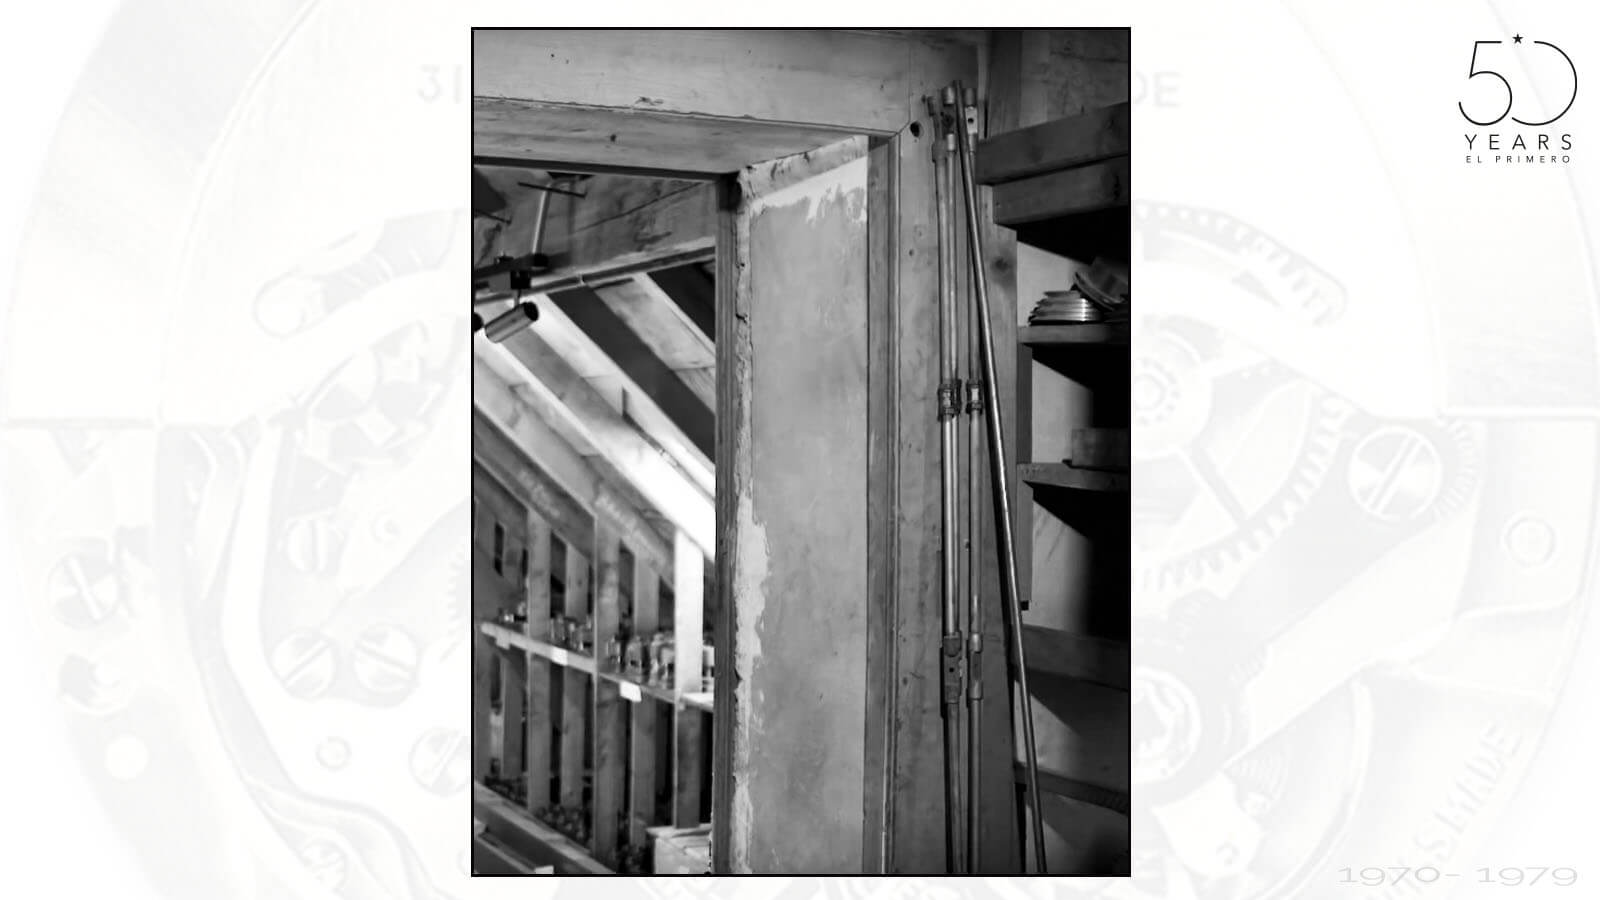 Zugang zum Raum, in dem Charles Vermot die Teile und Werkzeuge versteckte und zumauern ließ